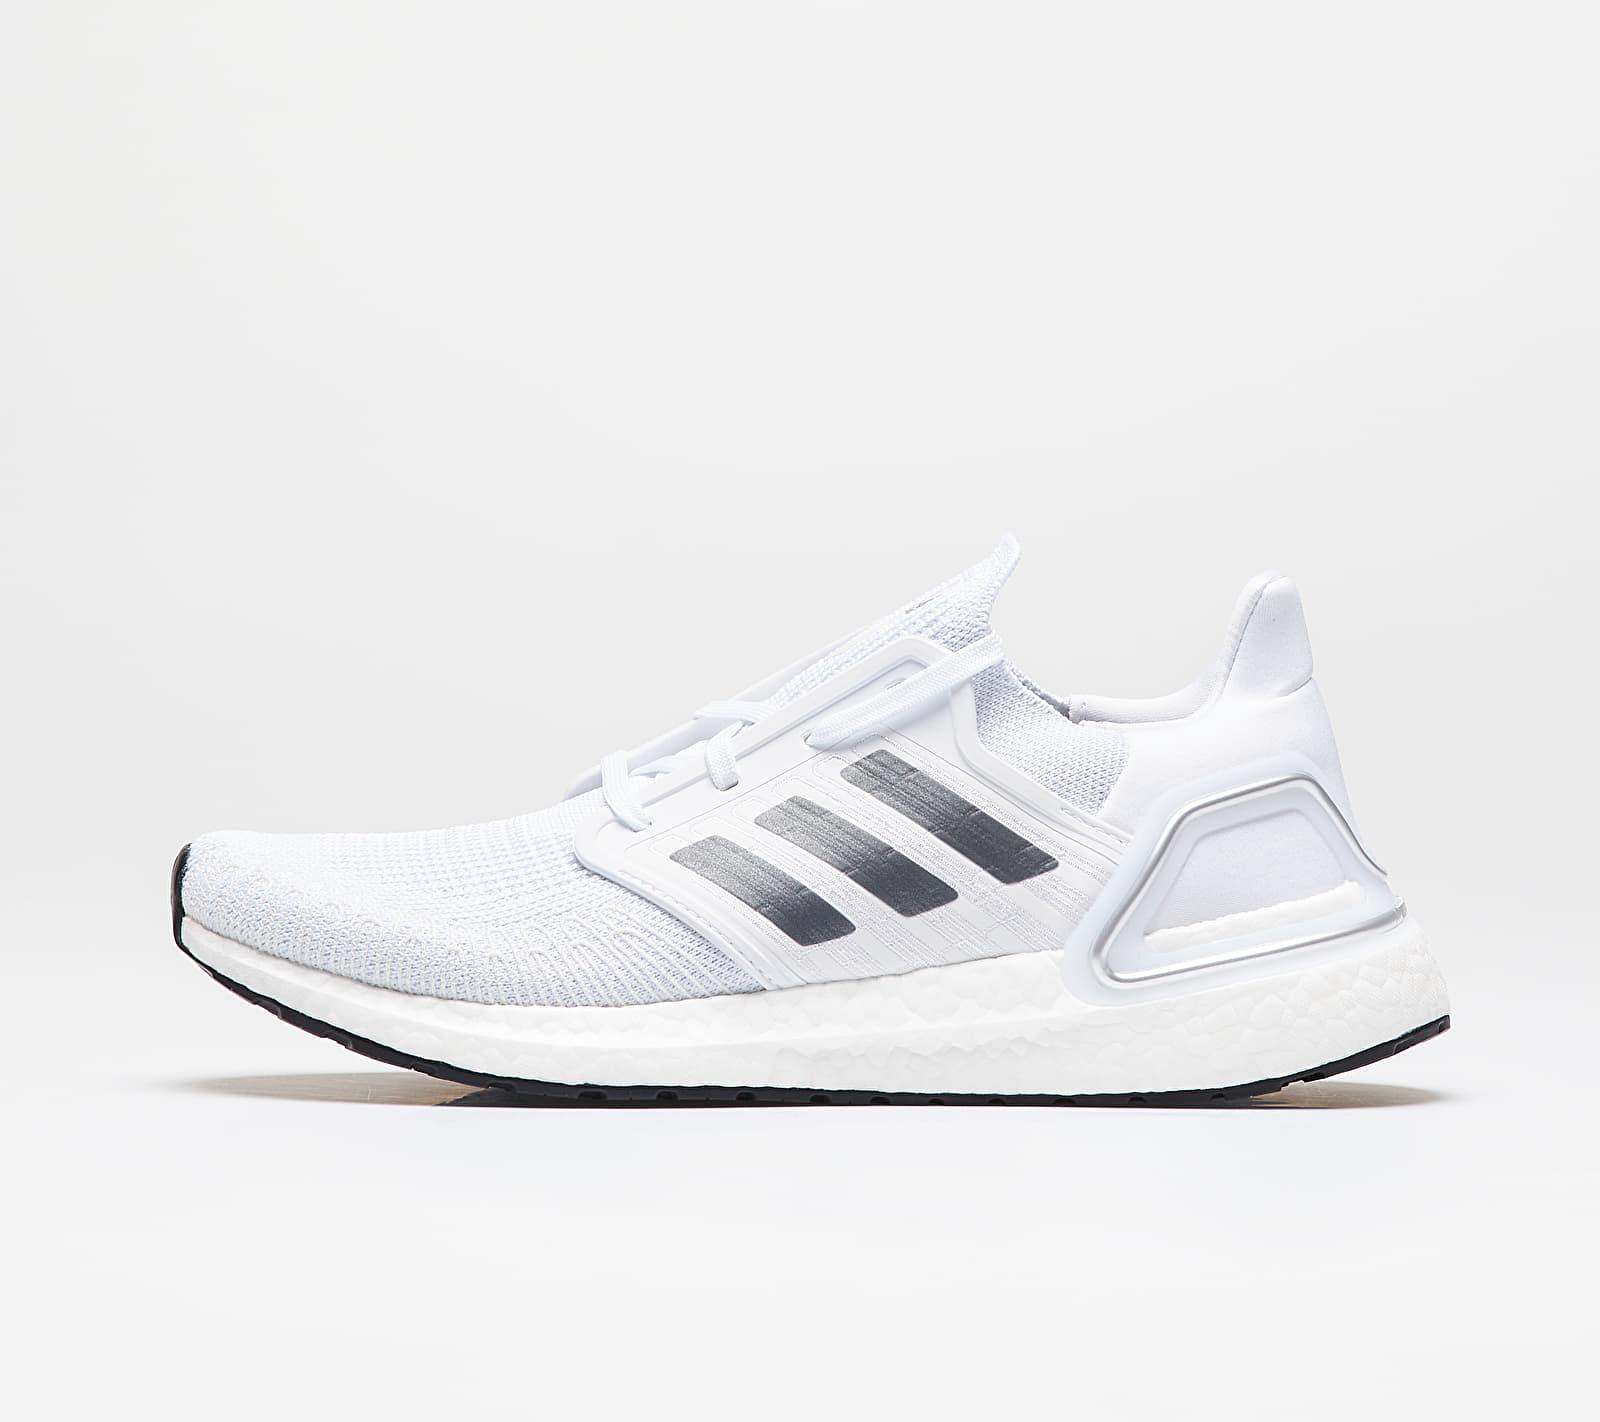 adidas UltraBOOST 20 Ftw White/ Night Metalic/ Dash Grey EG0783